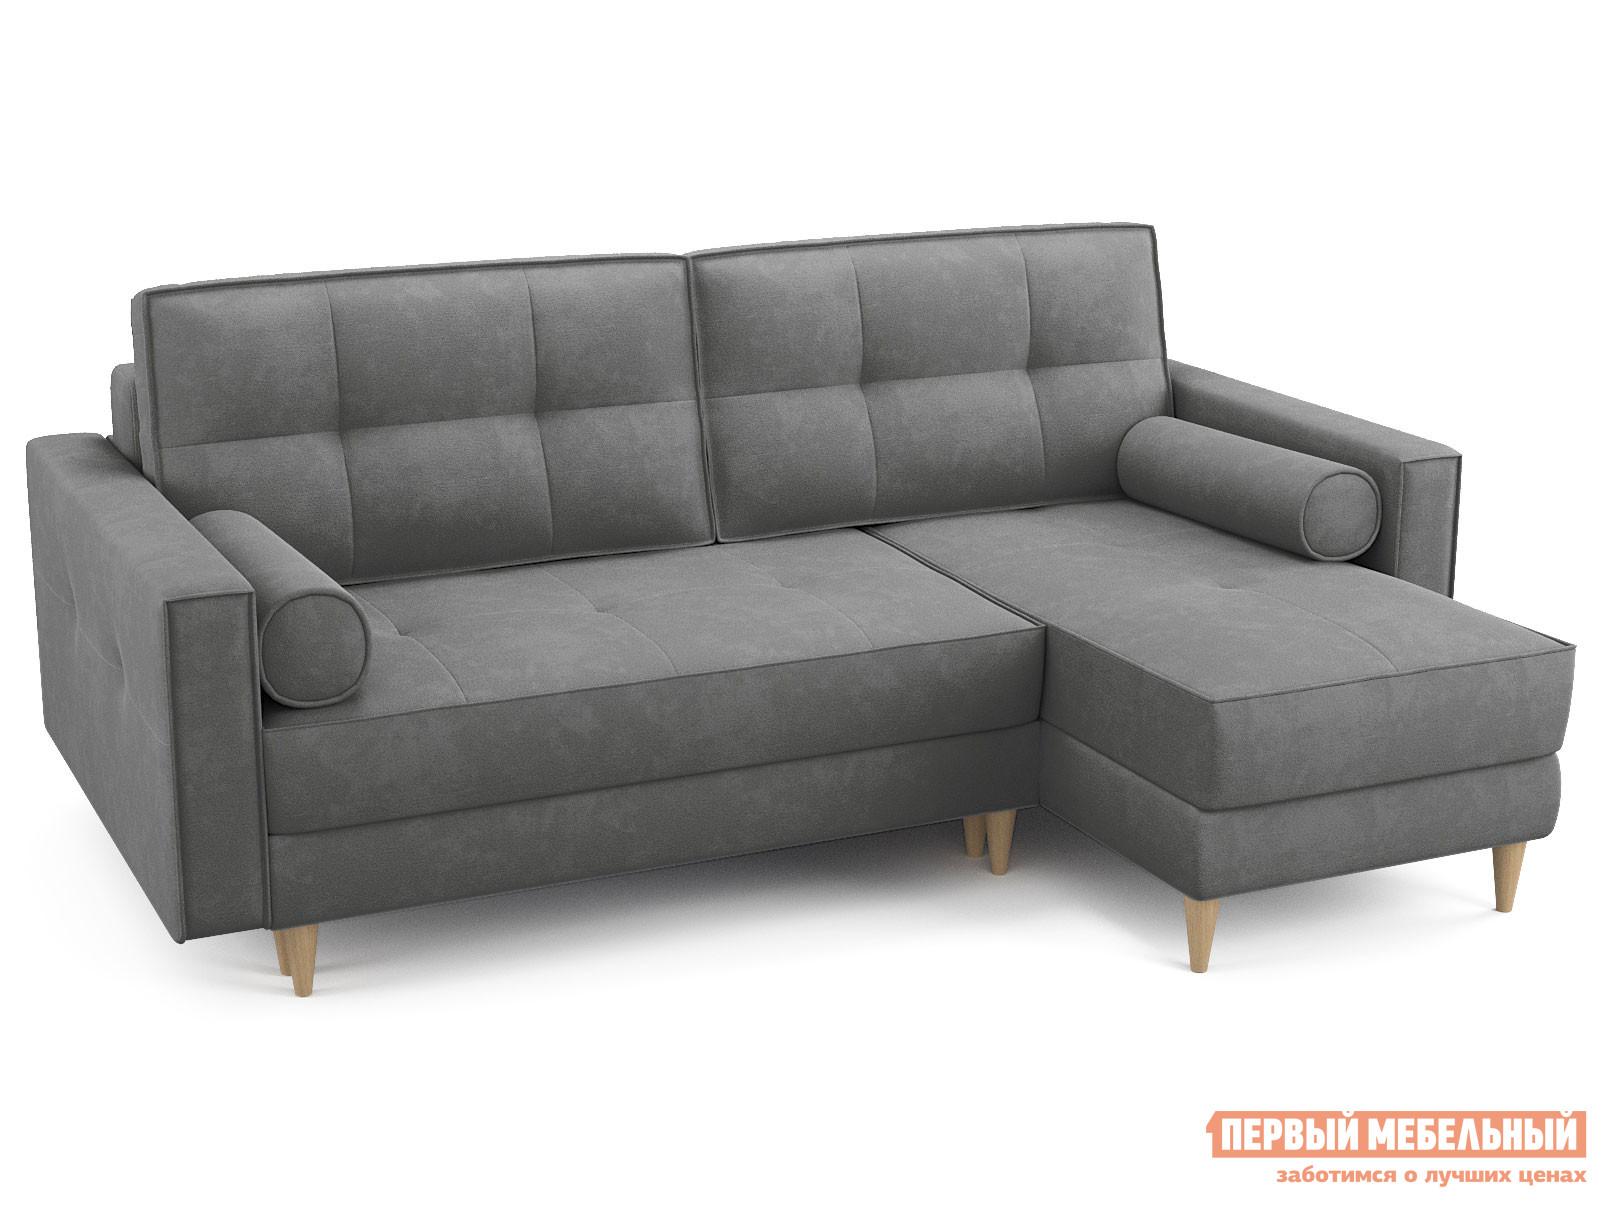 Угловой диван Первый Мебельный Угловой диван Остин У